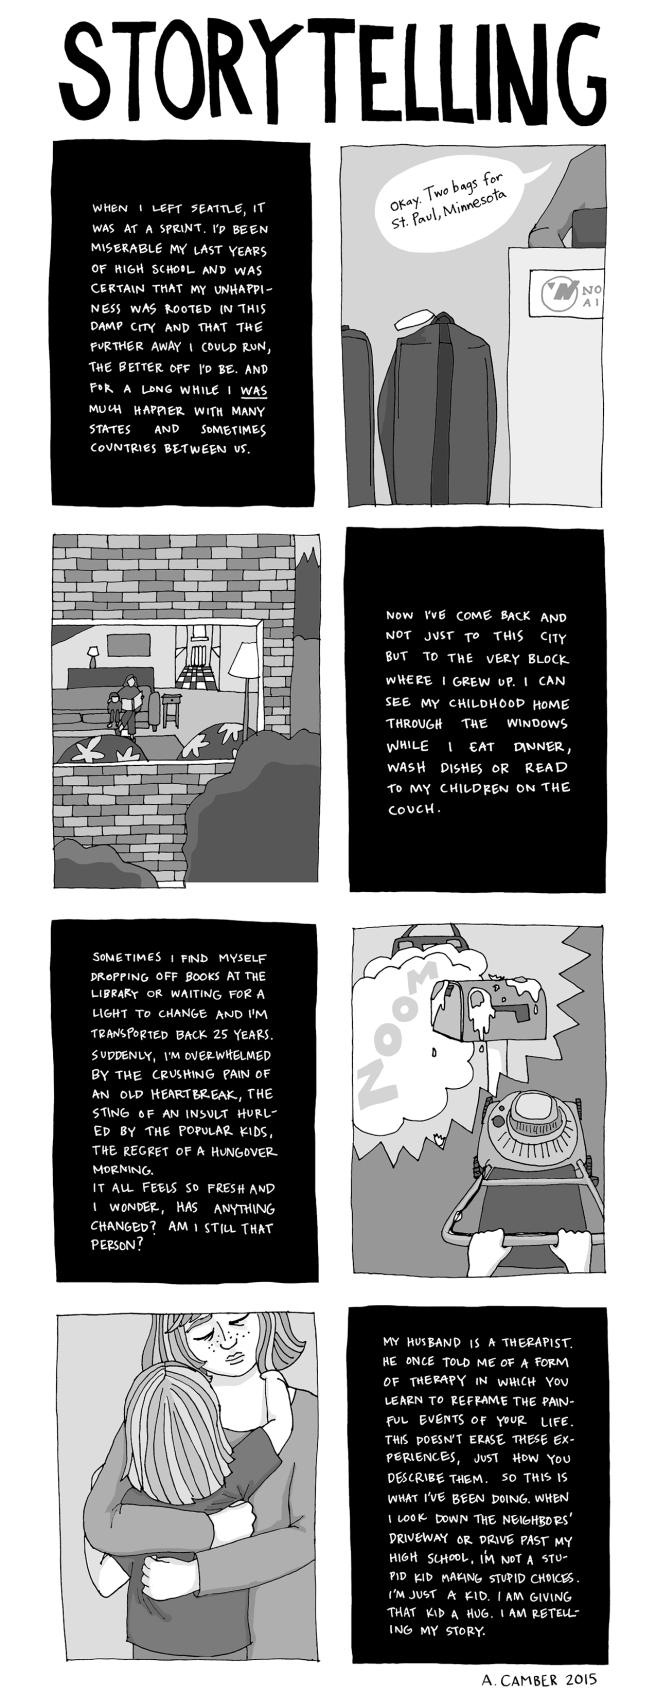 Storytelling_sm